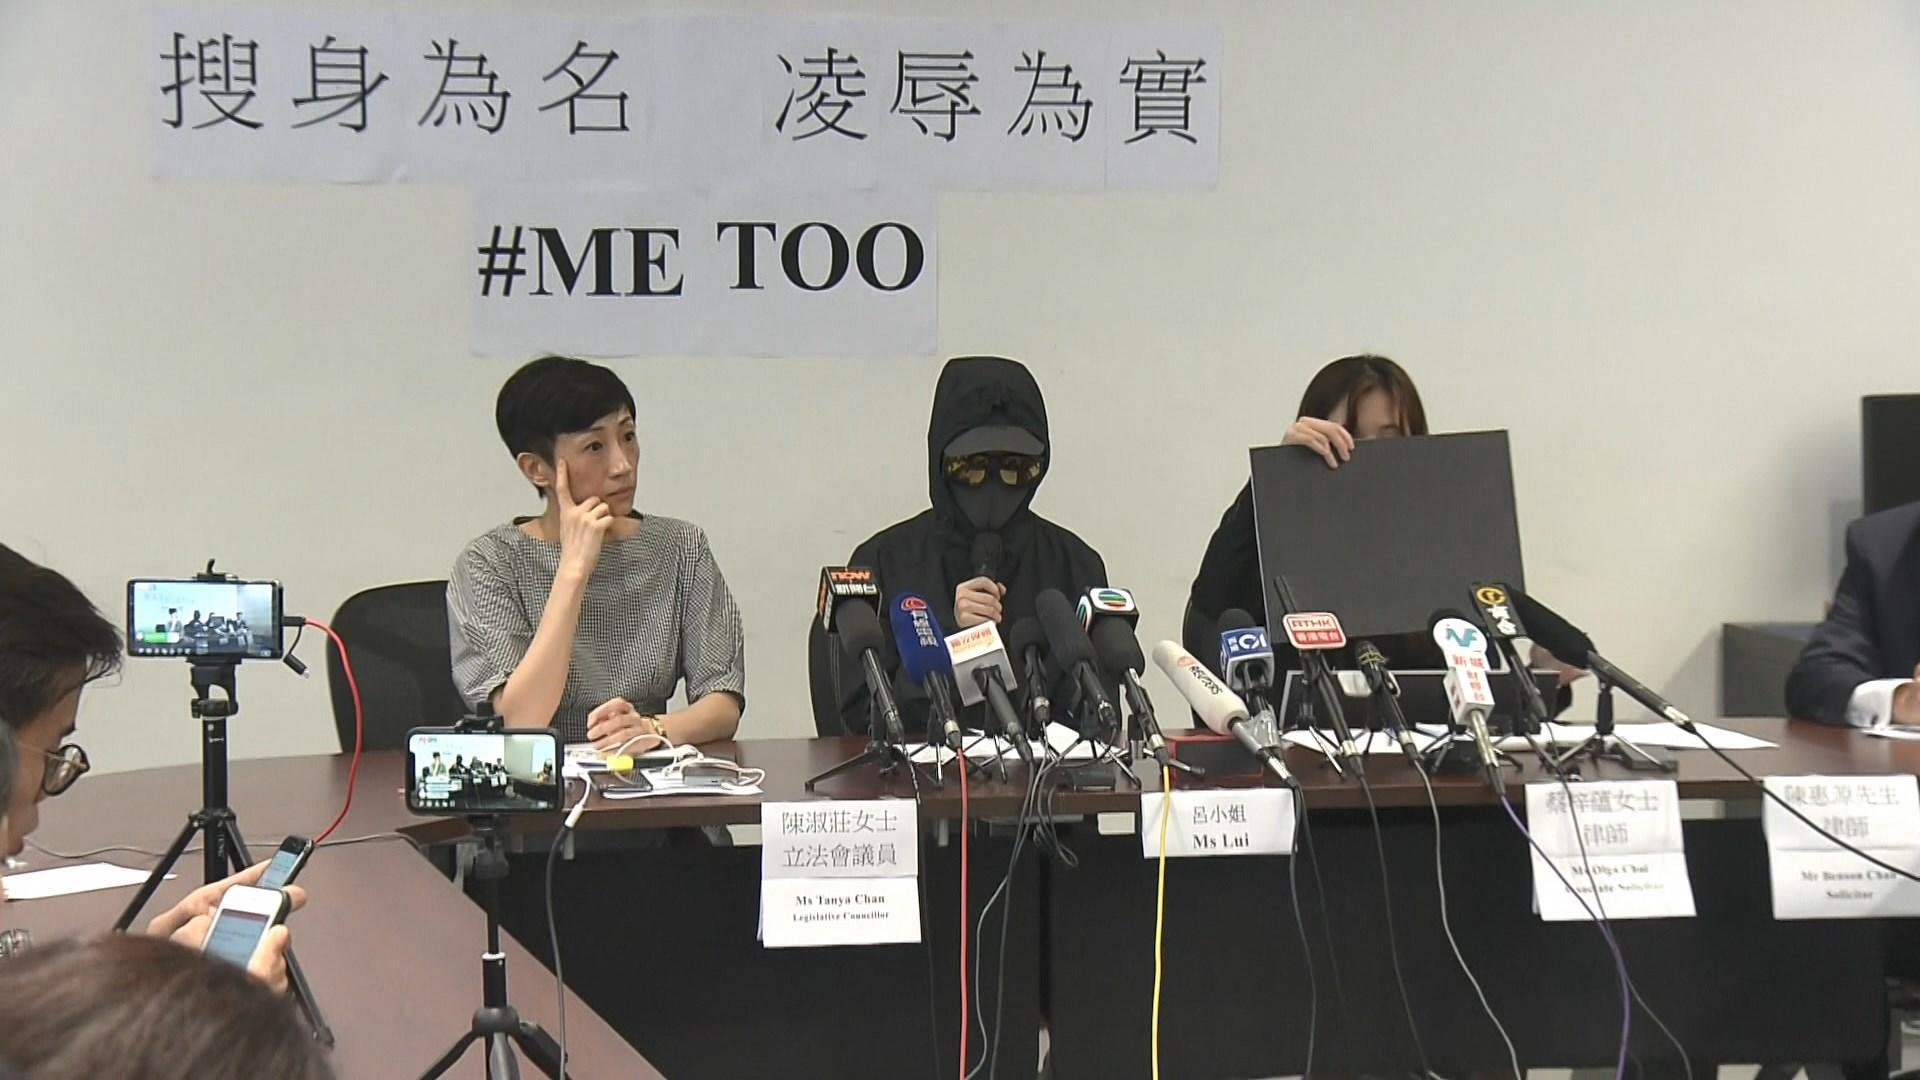 示威中被捕女子投訴遭女警要求全身赤裸搜身